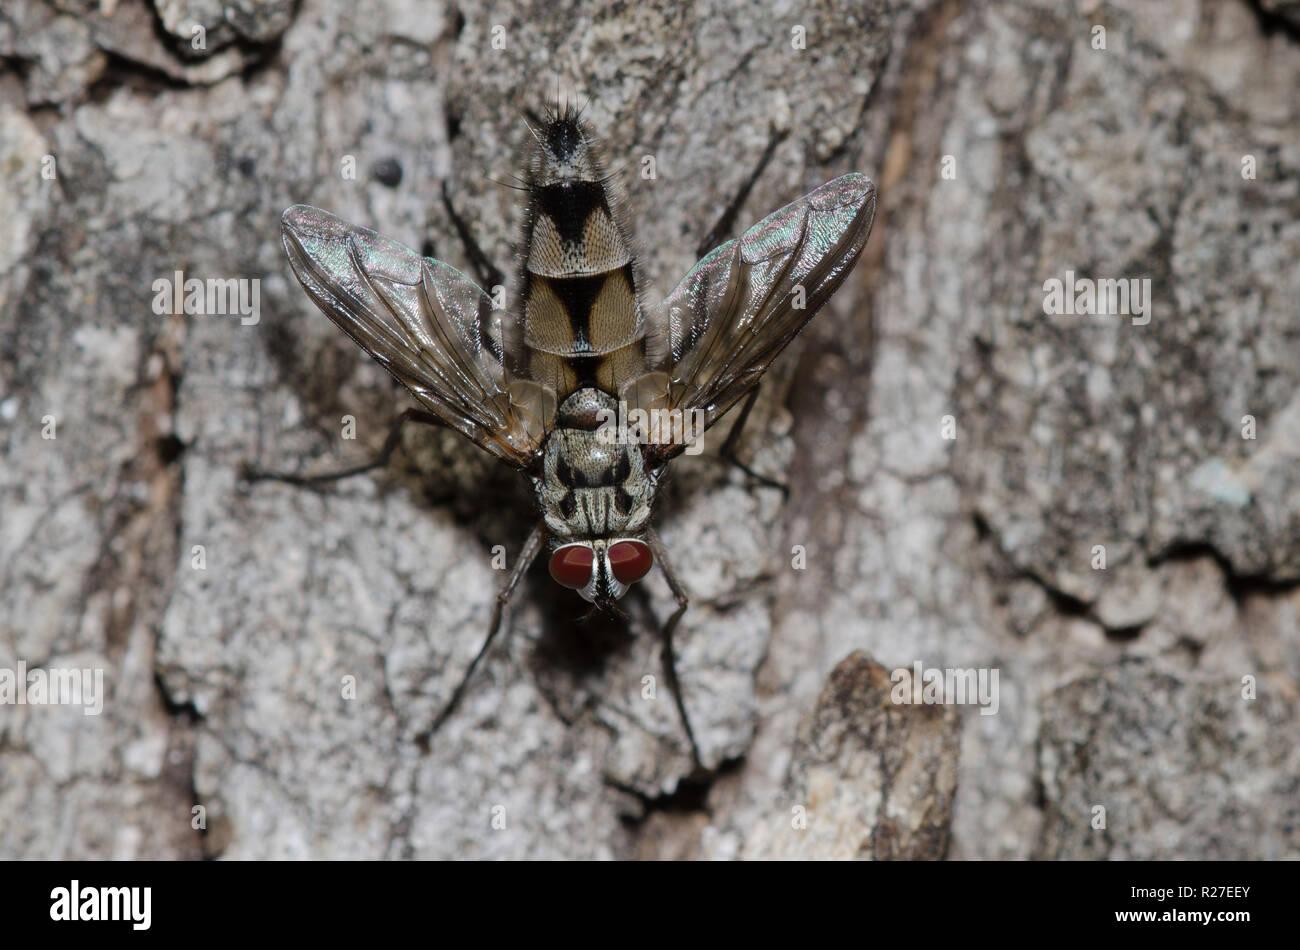 Tachinid Fly, Zelia sp. Stock Photo